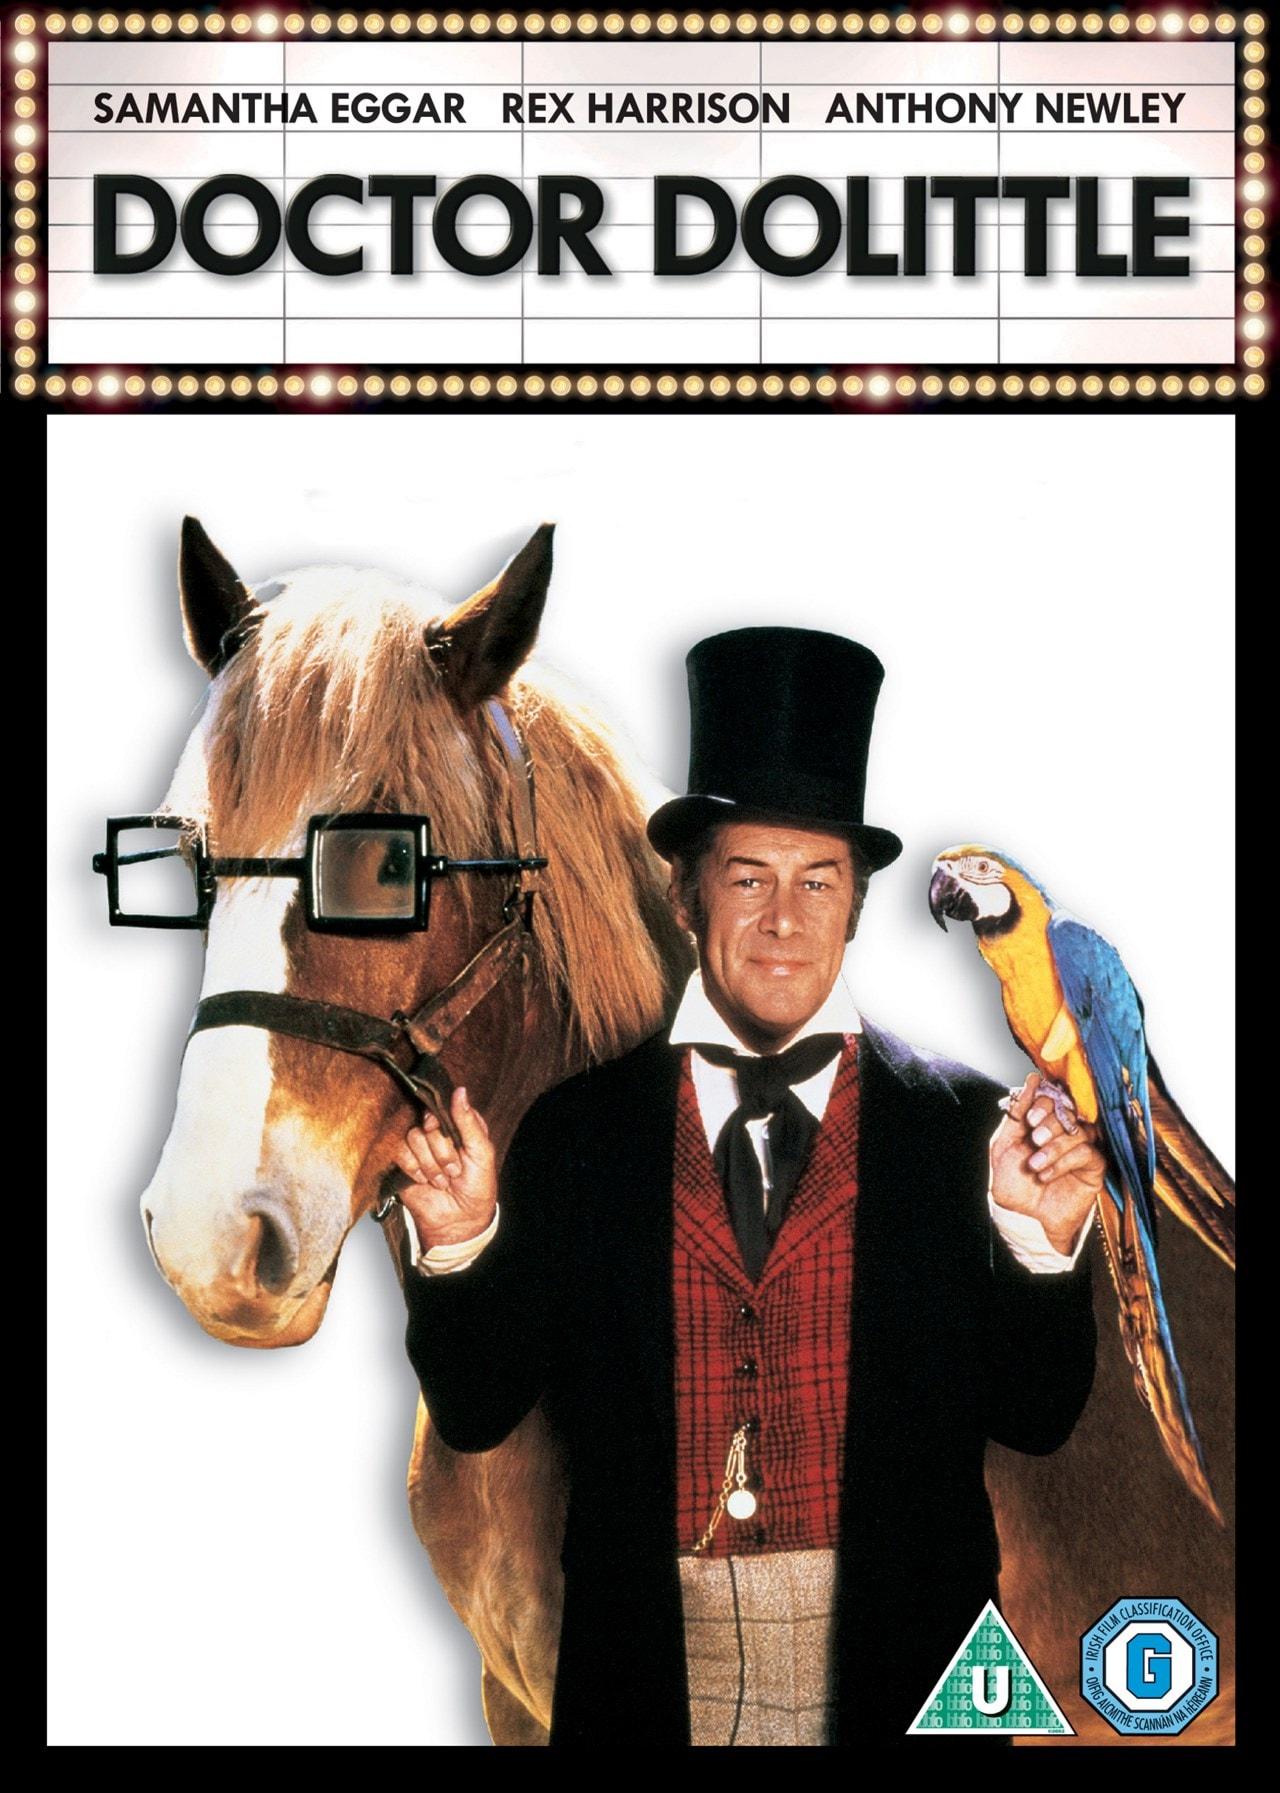 Doctor Dolittle - 1